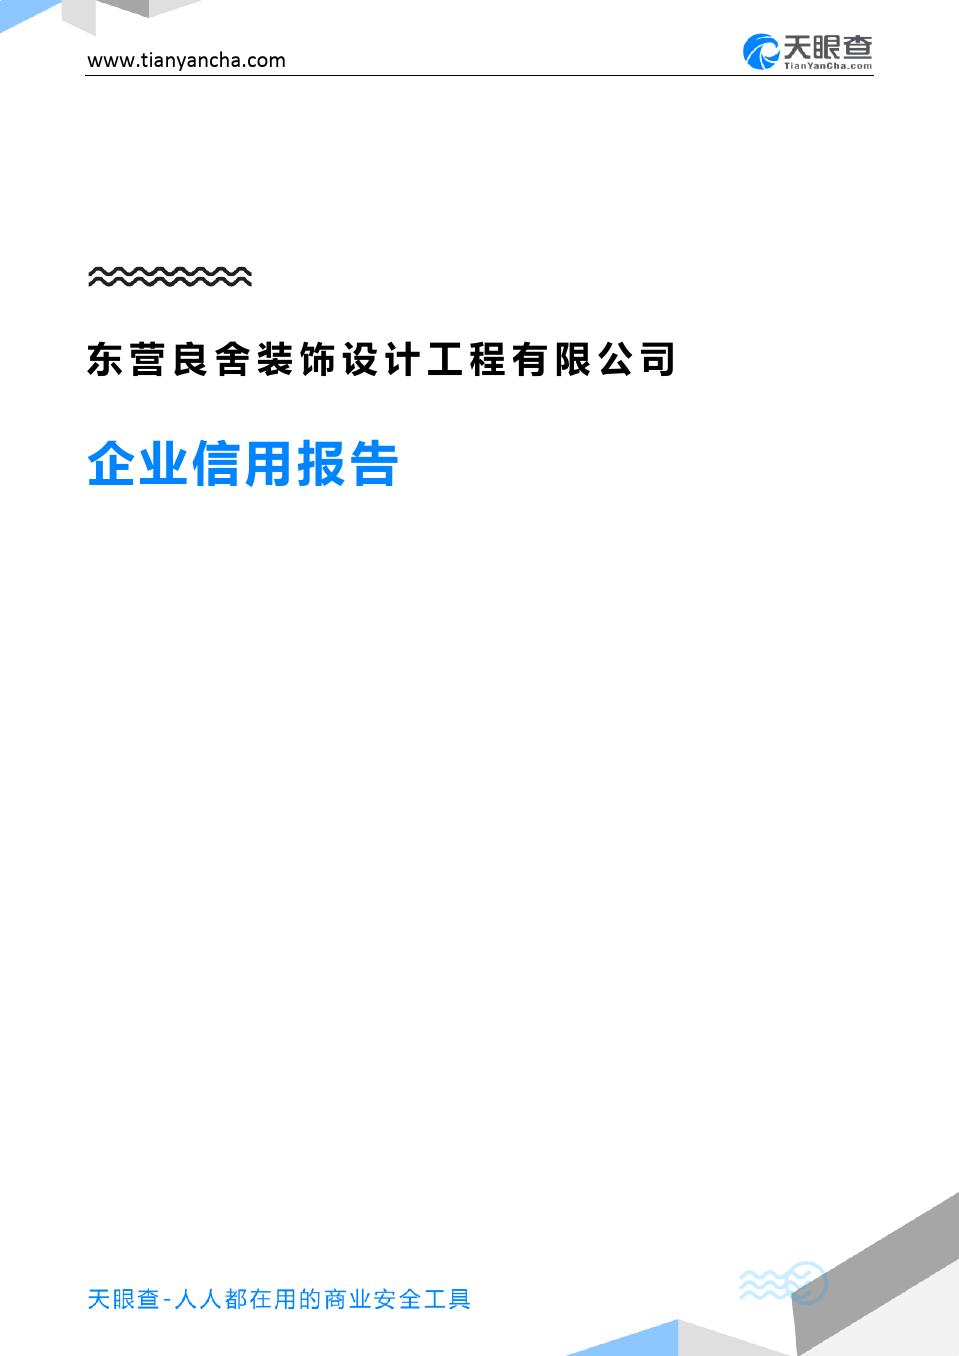 东营良舍装饰设计工程有限公司(企业信用报告)- 天眼查